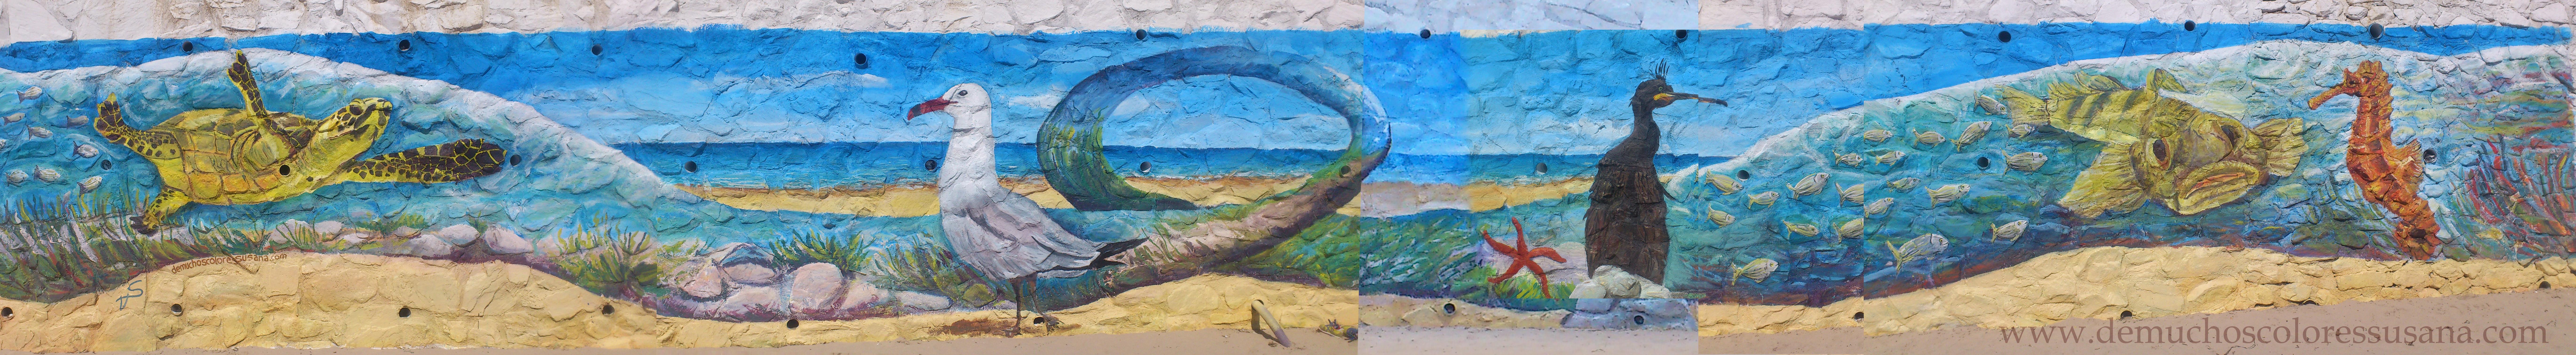 la fauna del mar